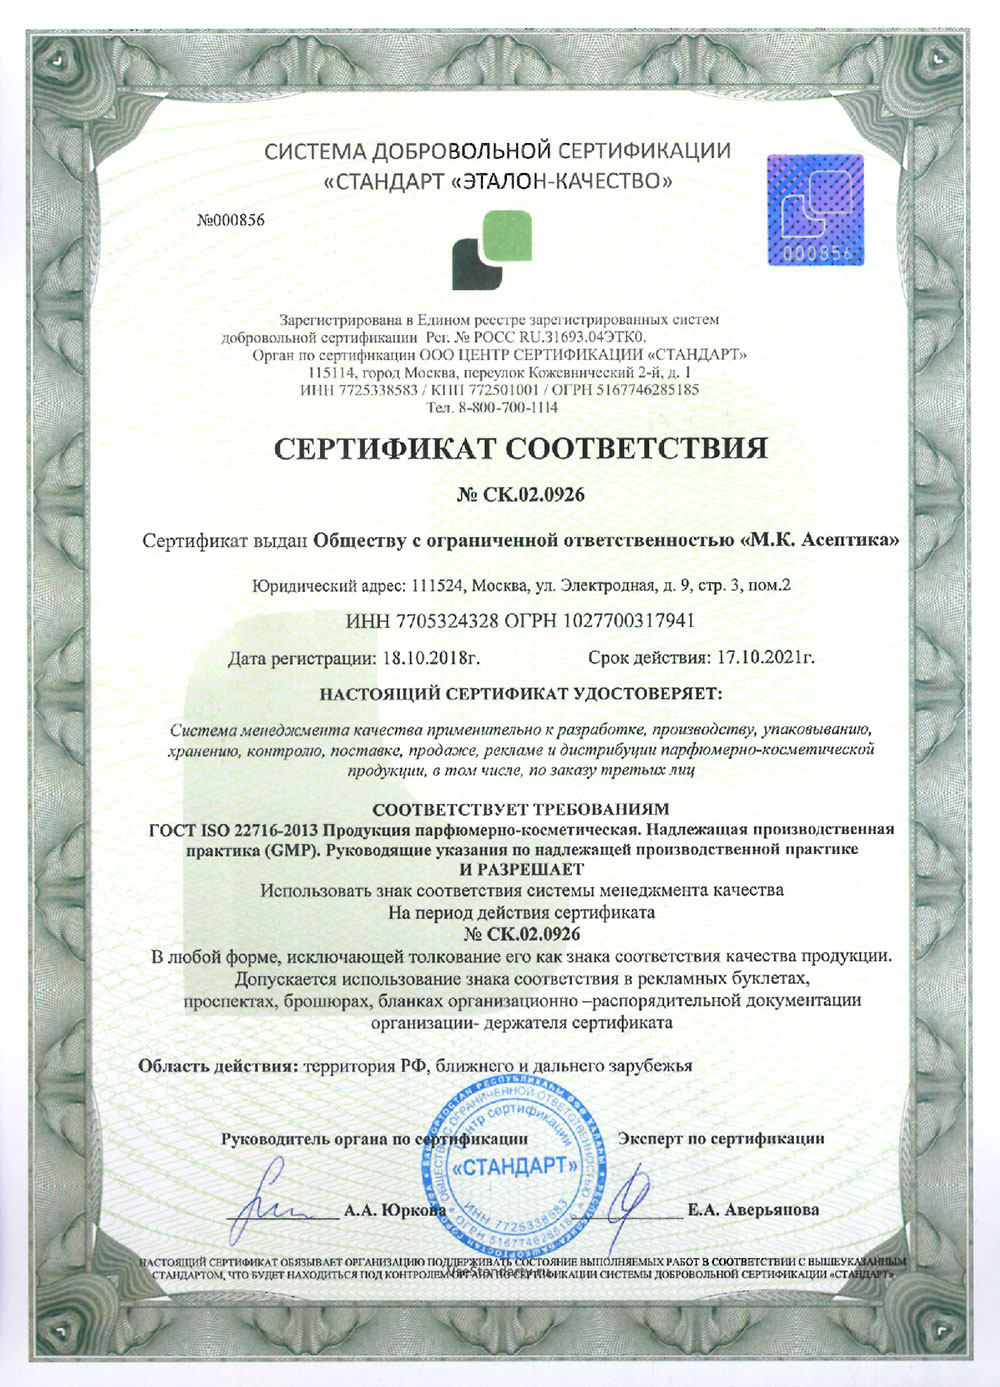 Система добровольной сертификации — Сертификат соответствия ГОСТ ISO 22716-2013